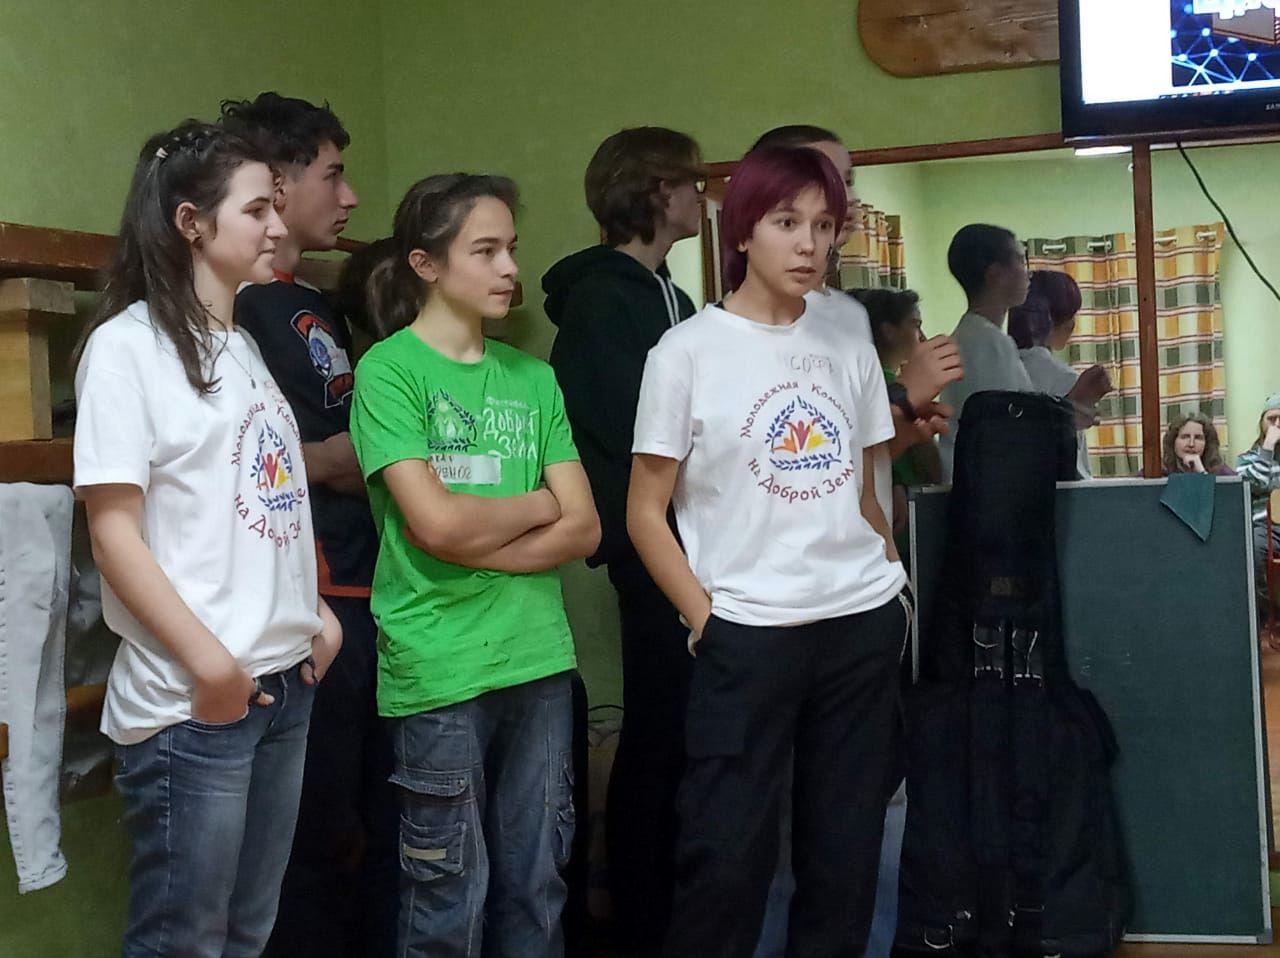 Межпоселенческий проект подростков в поселении Ковчег (9).jpg